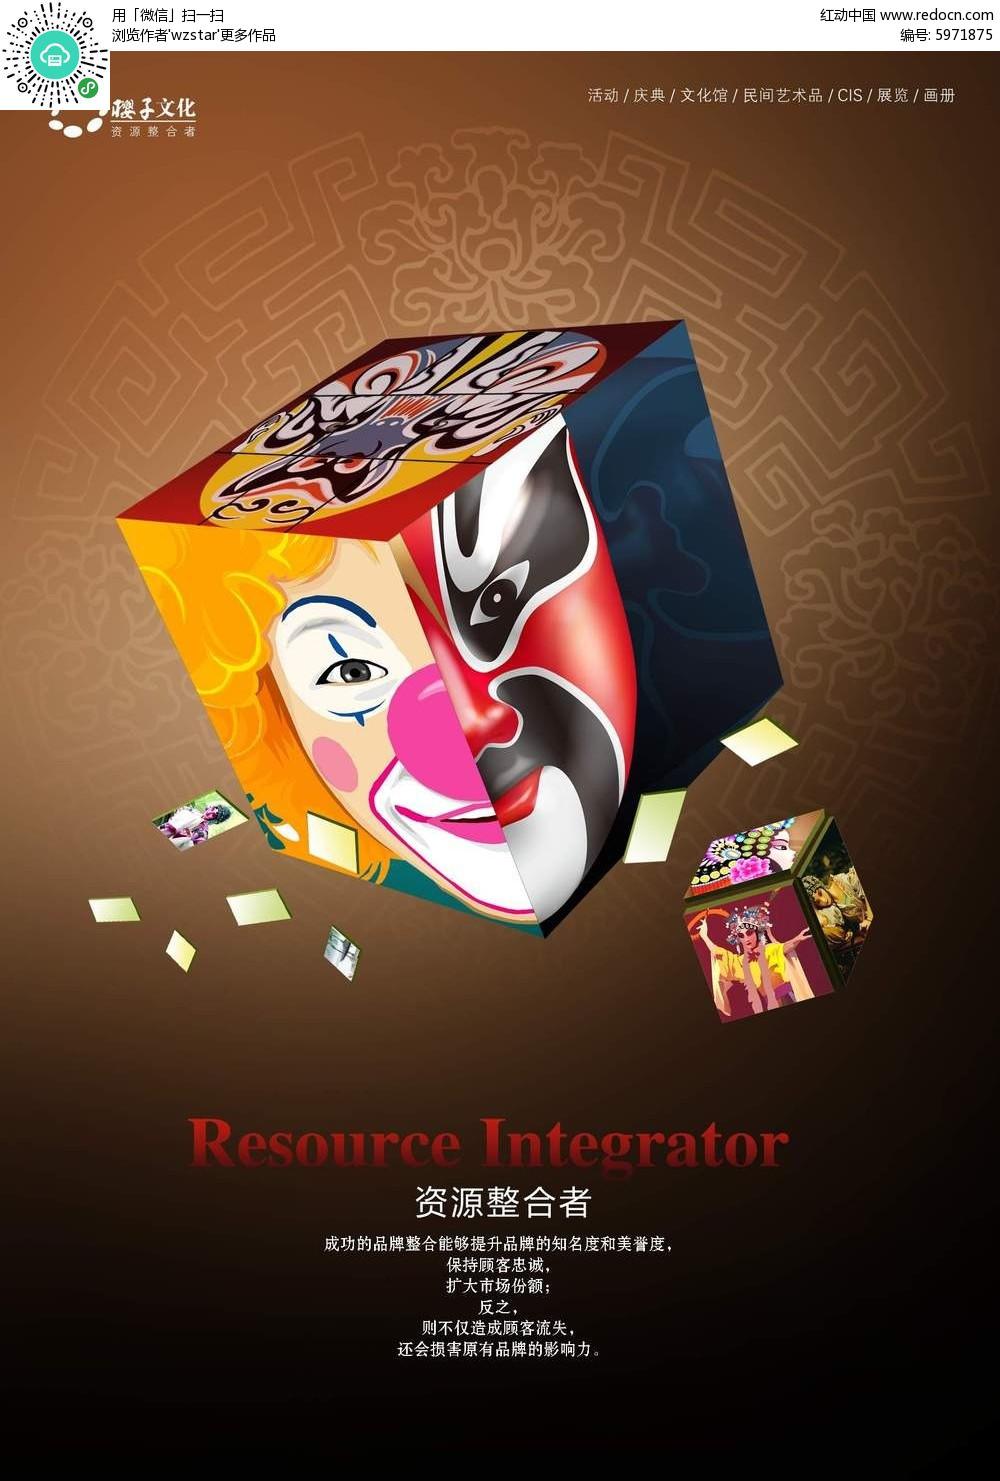 免费素材 psd素材 psd广告设计模板 其他 小丑京剧脸方块海报背景  请